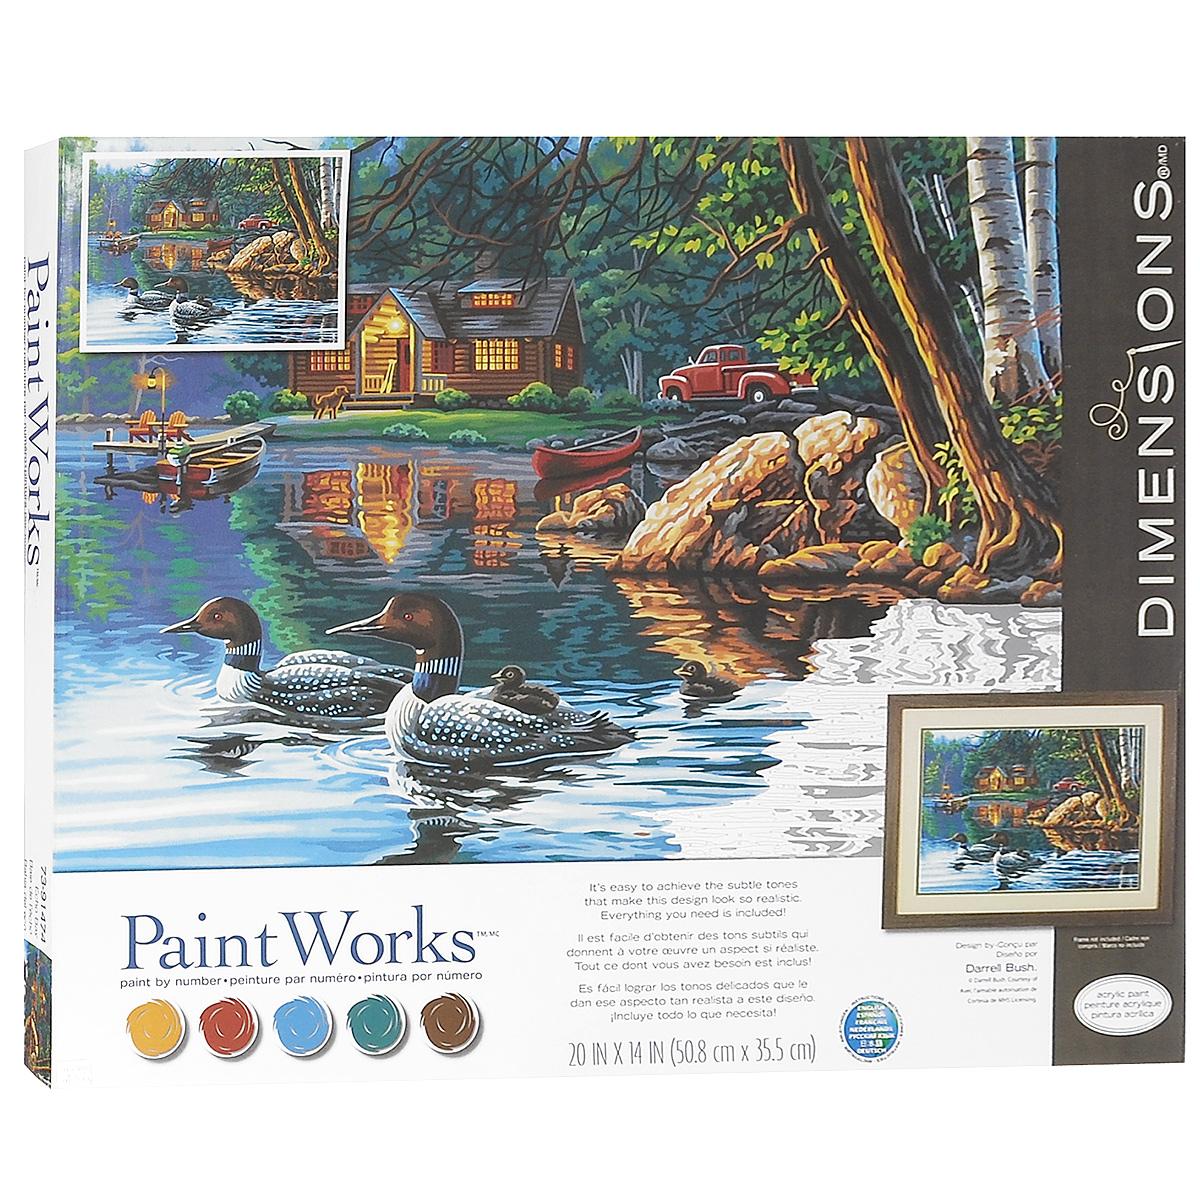 Набор для раскрашивания PaintWorks Эхо залива, 51 х 36 смDMS-73-91474Набор для раскрашивания PaintWorks Эхо залива поможет вам создать свой личный шедевр - красивую картину, нарисованную акриловыми красками. С таким набором очень легко самостоятельно написать потрясающую картину, даже если вы этого никогда не делали. С помощью инструкции закрашивайте области по цветовым номерам. Набор для раскрашивания прекрасно подойдет как для школьников, так и для взрослых. В набор входят: - акриловые краски, - фактурный картон с нанесенным контуром рисунка, - кисть, - инструкция на русском языке. УВАЖАЕМЫЕ КЛИЕНТЫ! Обращаем ваше внимание, на тот факт, что рамка в комплект не входит, а служит для визуального восприятия товара.